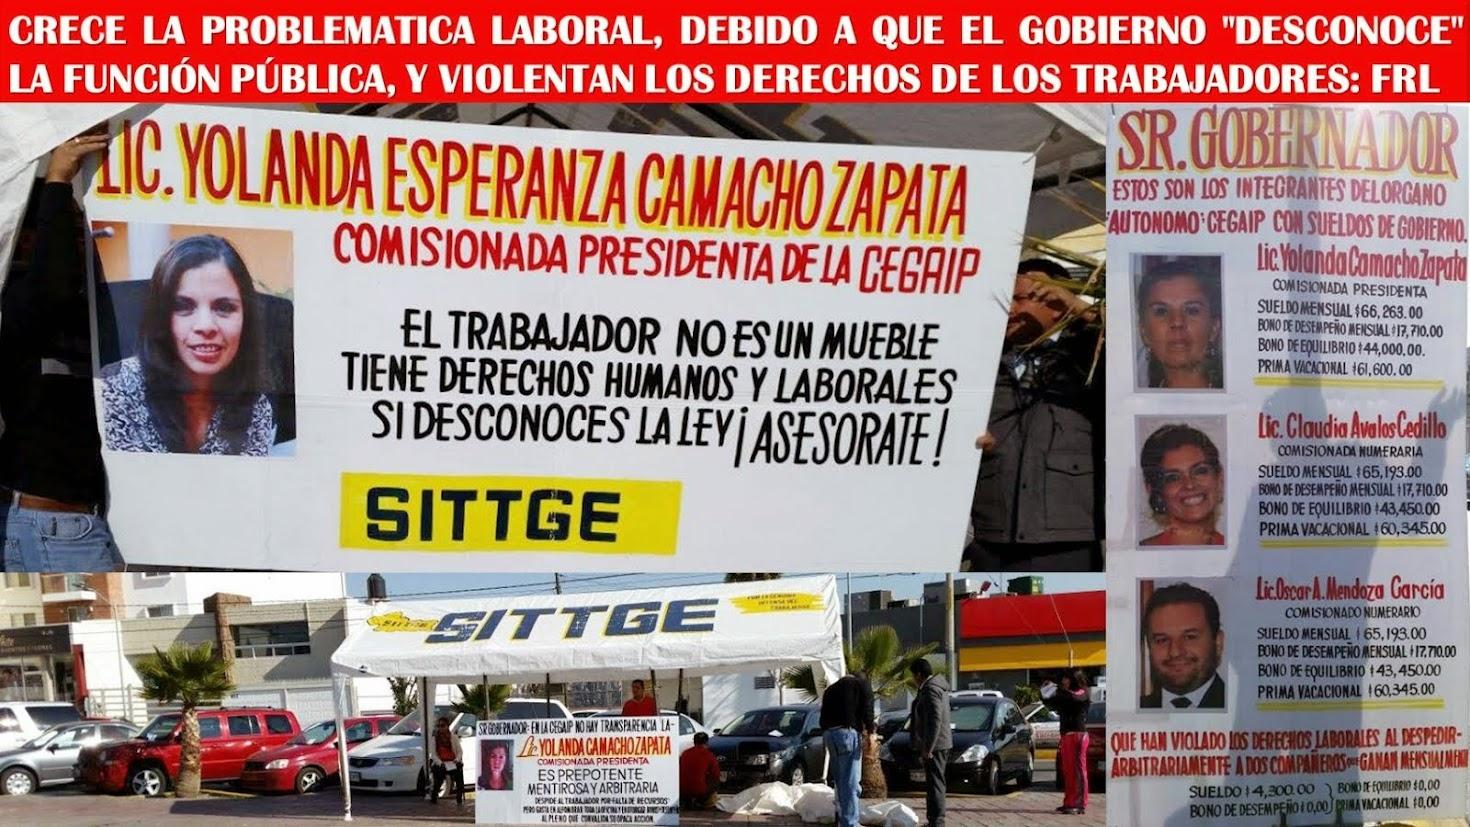 ¡ATACA EL SITTGE A YOLANDA CAMACHO ZAPATA!